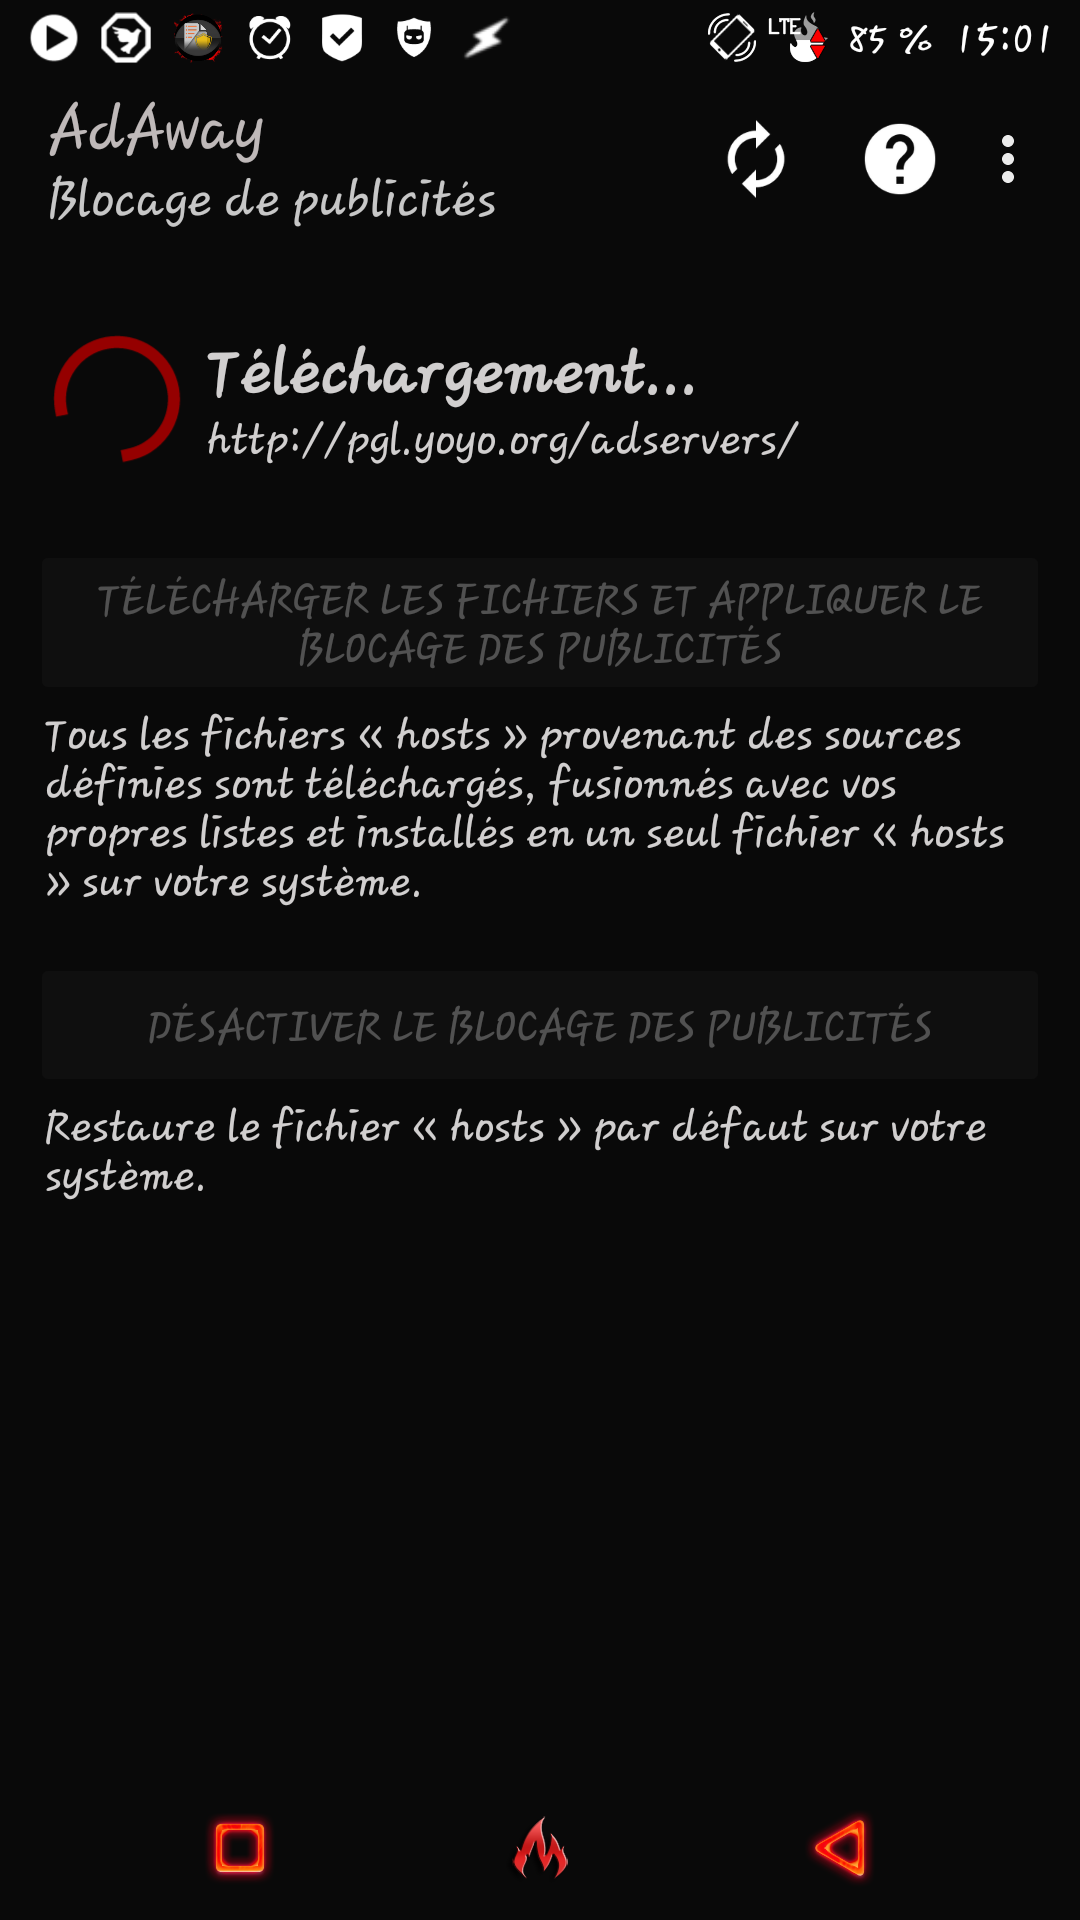 [APPLICATION ANDROID - ADAWAY] Fichier APK AdAway pour bloquer les publicités et gérer votre fichier hosts [15.04.2016] 14286245761024